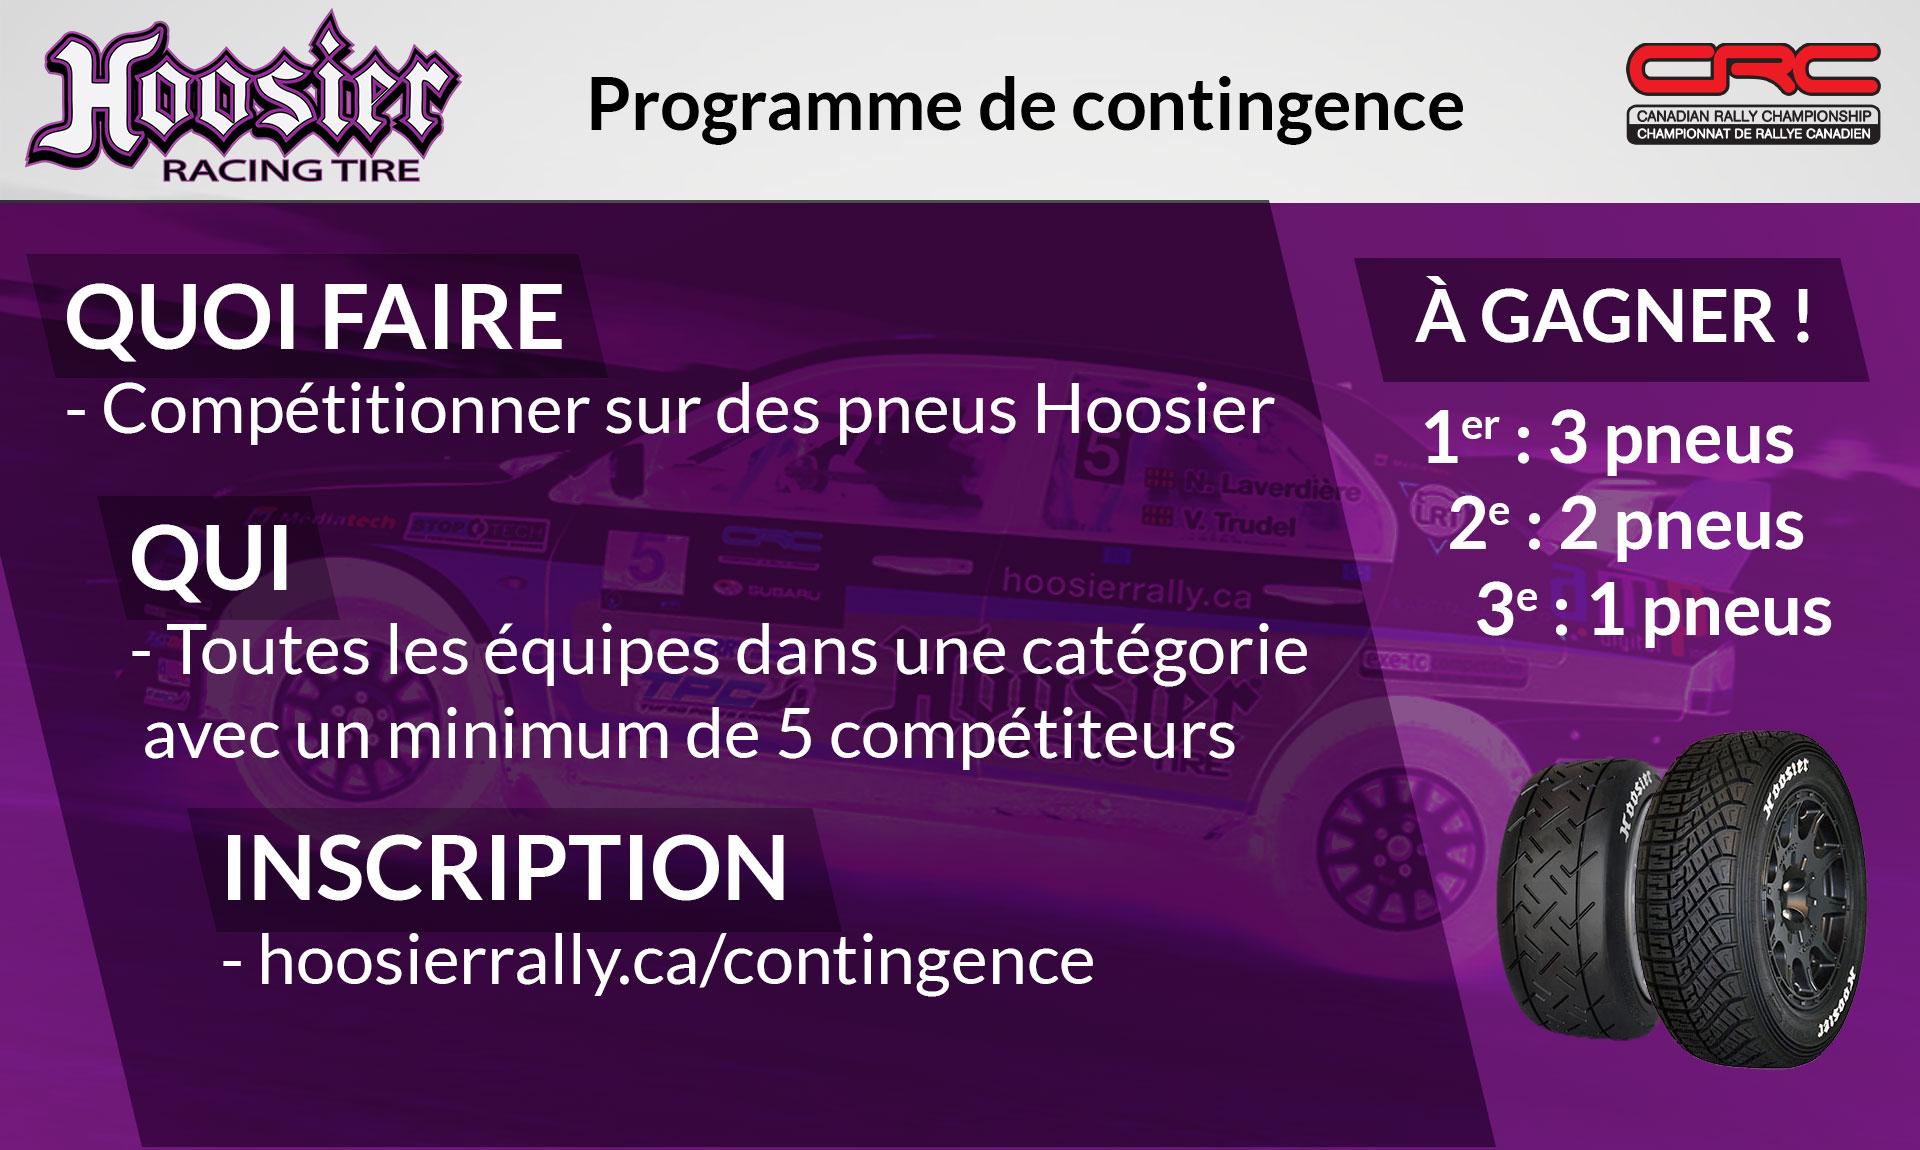 Programme de contingence pneus de rallye Hoosier 2020